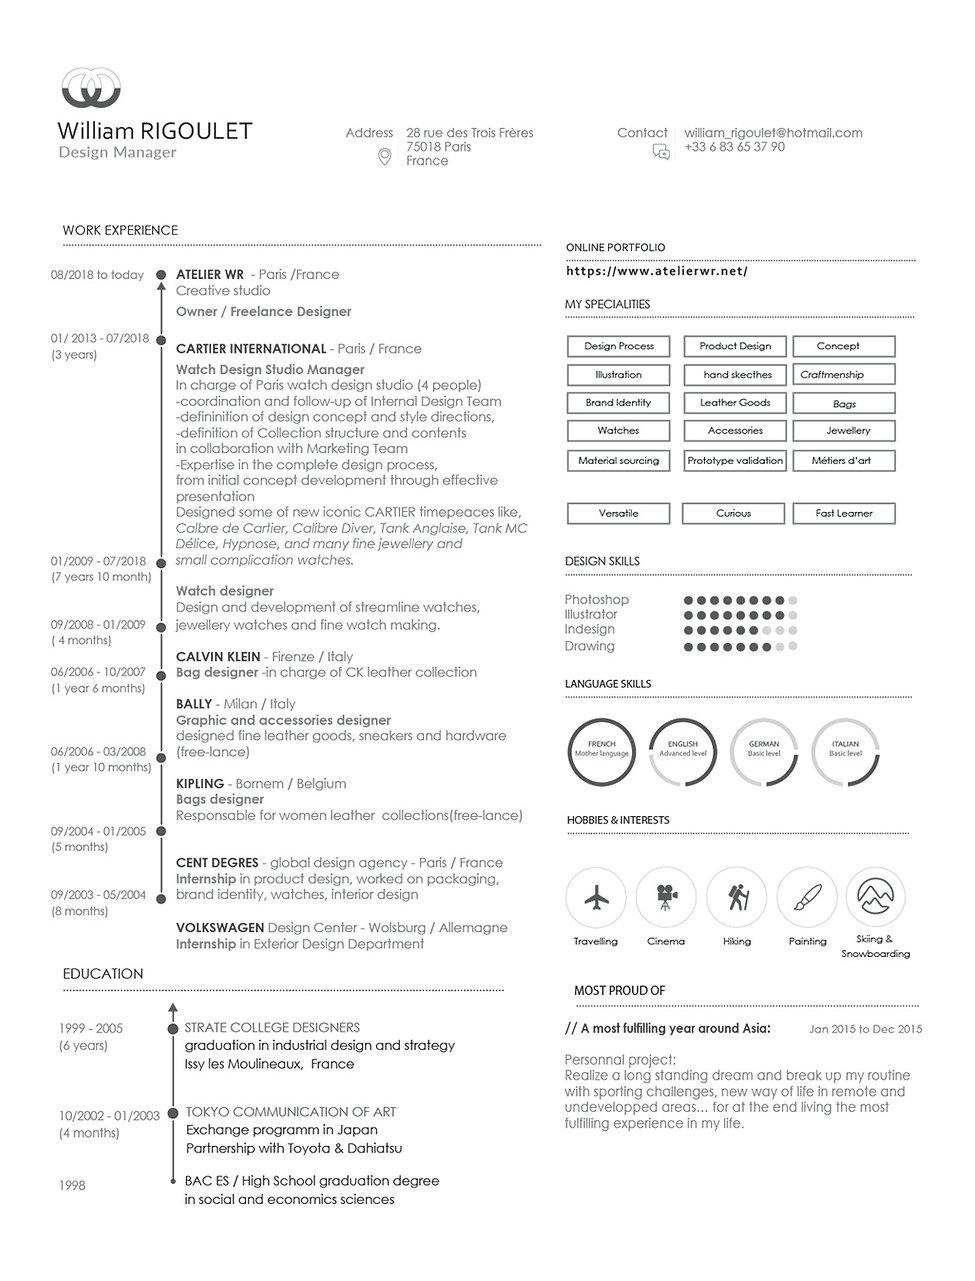 CV WIlliam RIGOULET19 copie.jpg